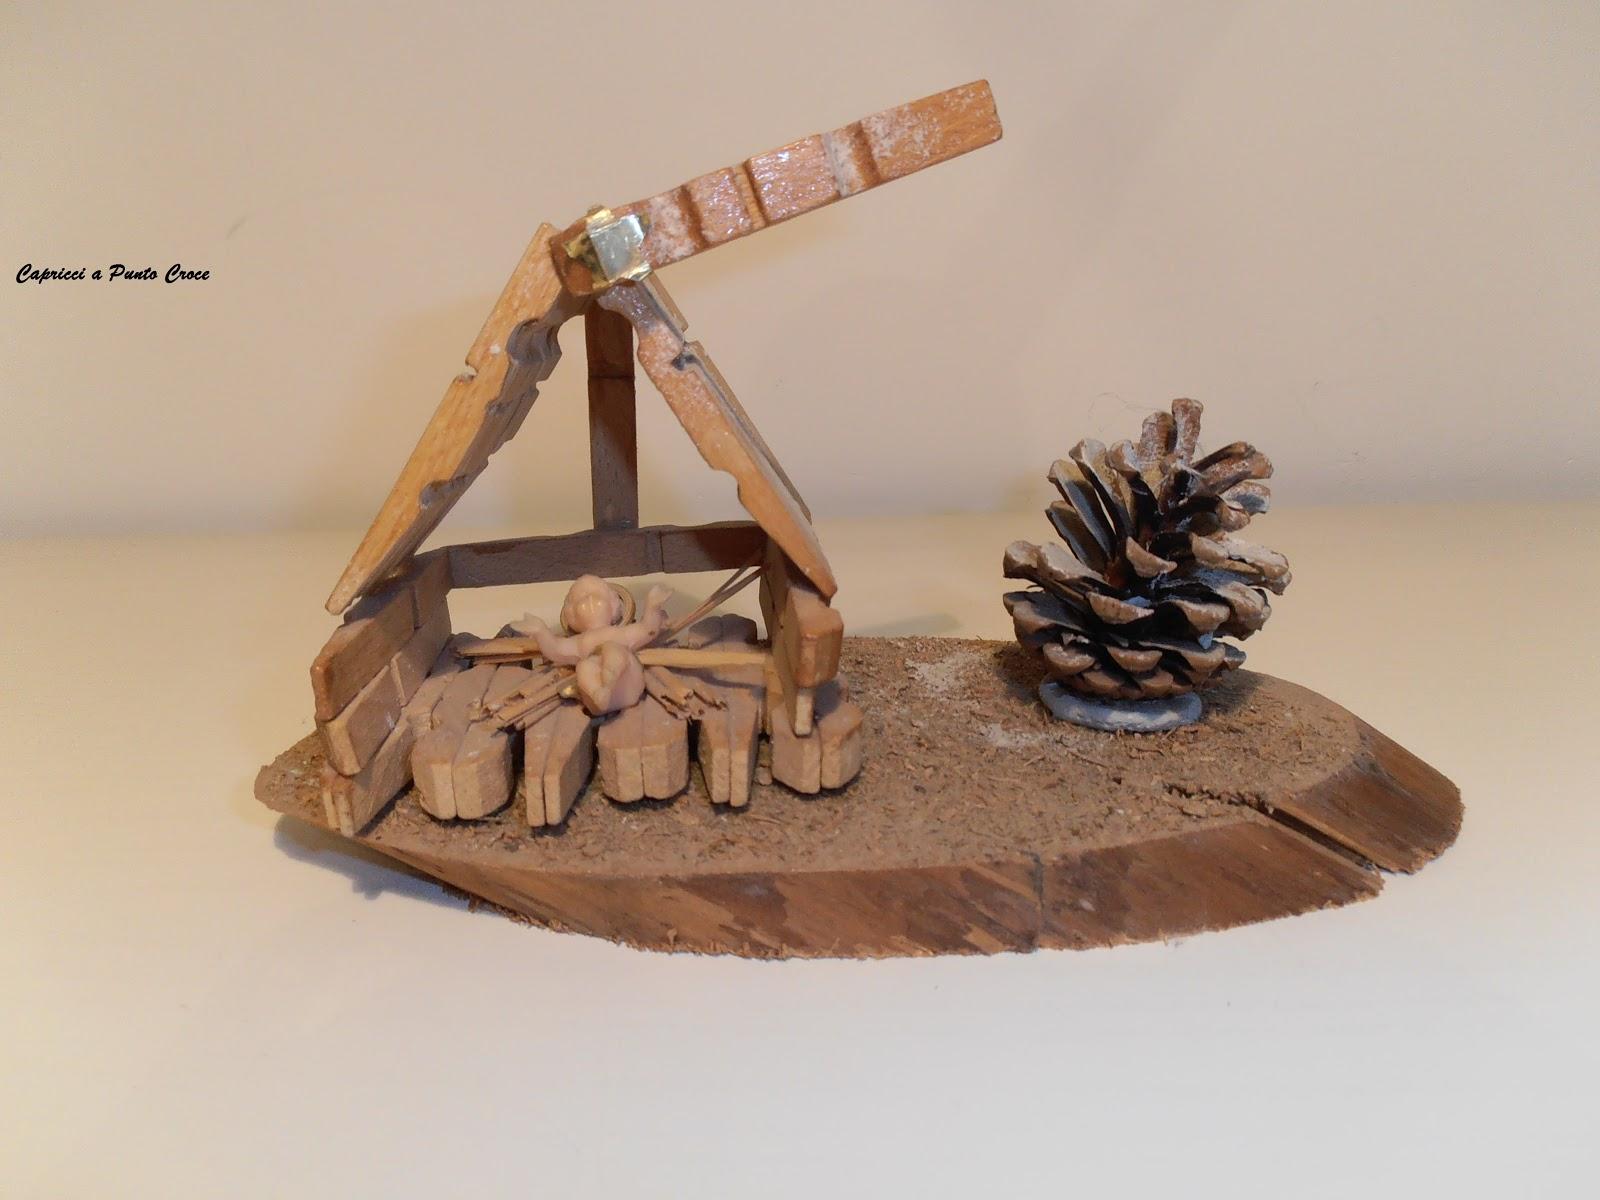 capricci a punto croce mollette di legno e fantasia